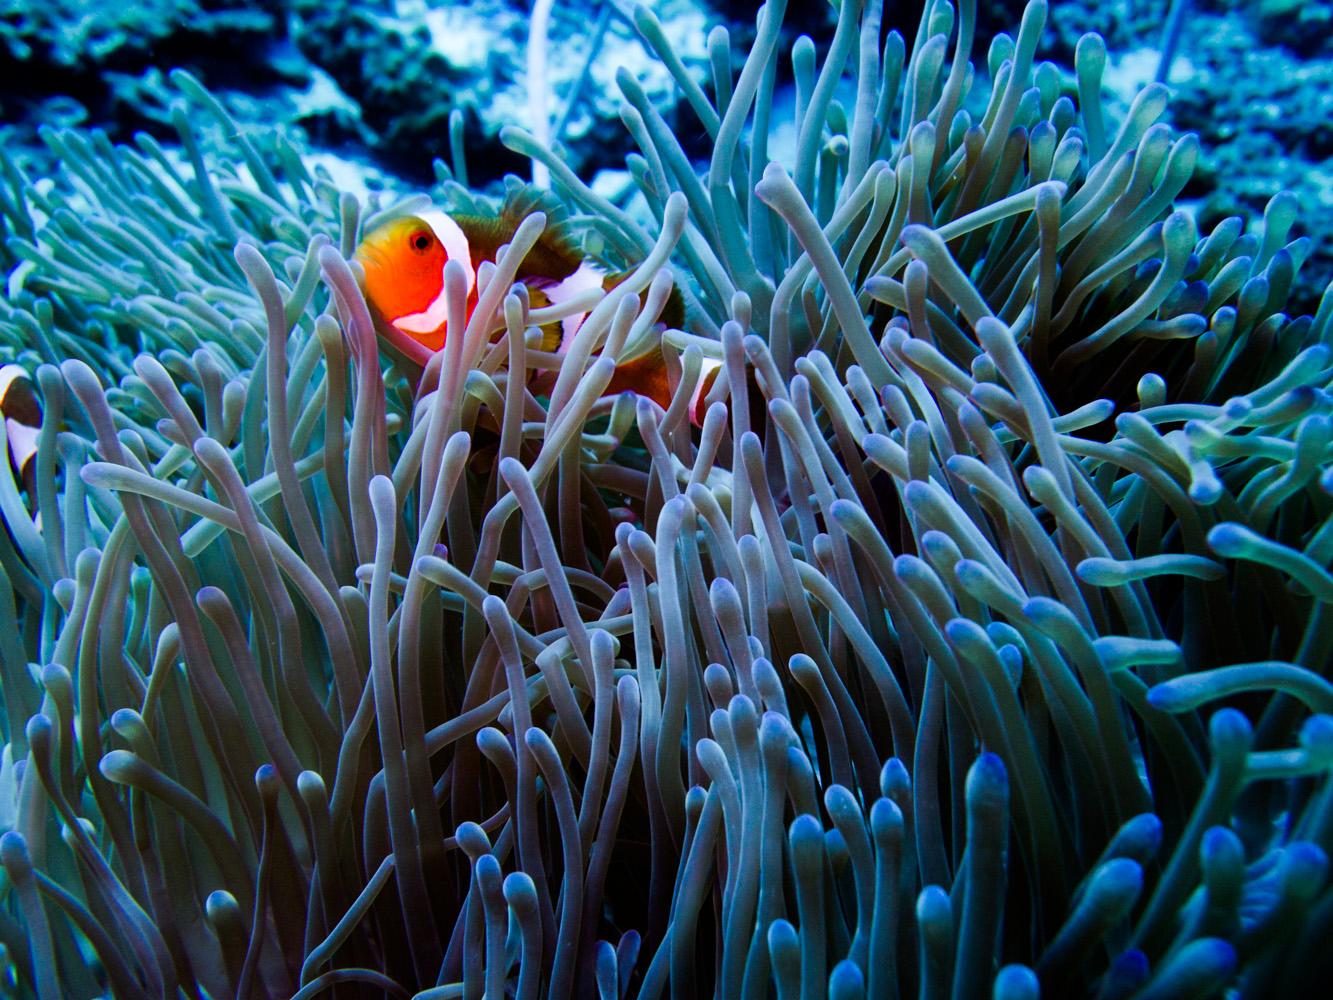 Clownfisch_Anemonenfisch_Nemo_-48